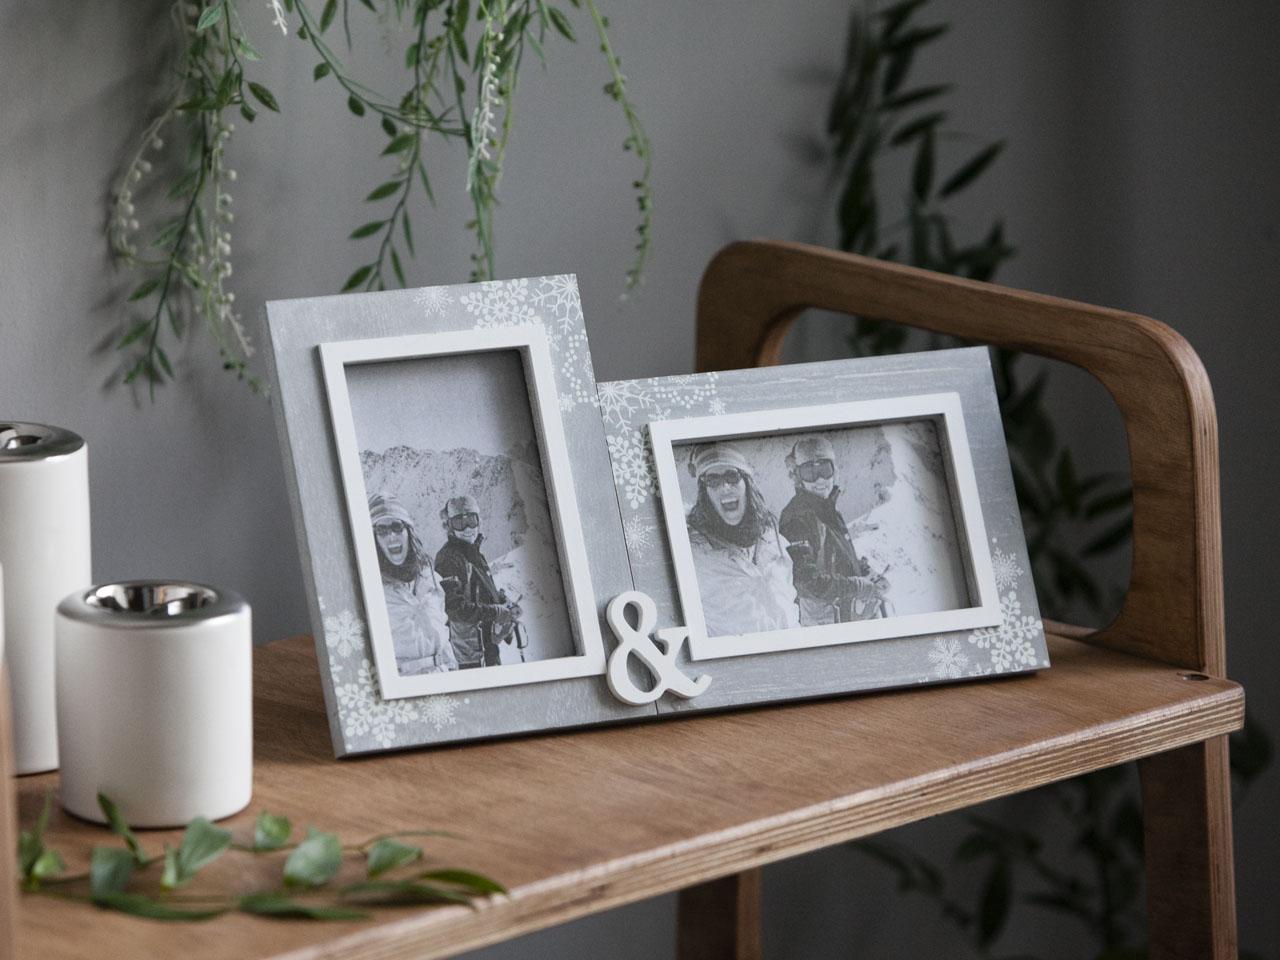 Ramka do zdjęć podwójna stojąca Altom Design Home 31,5x18x2 cm